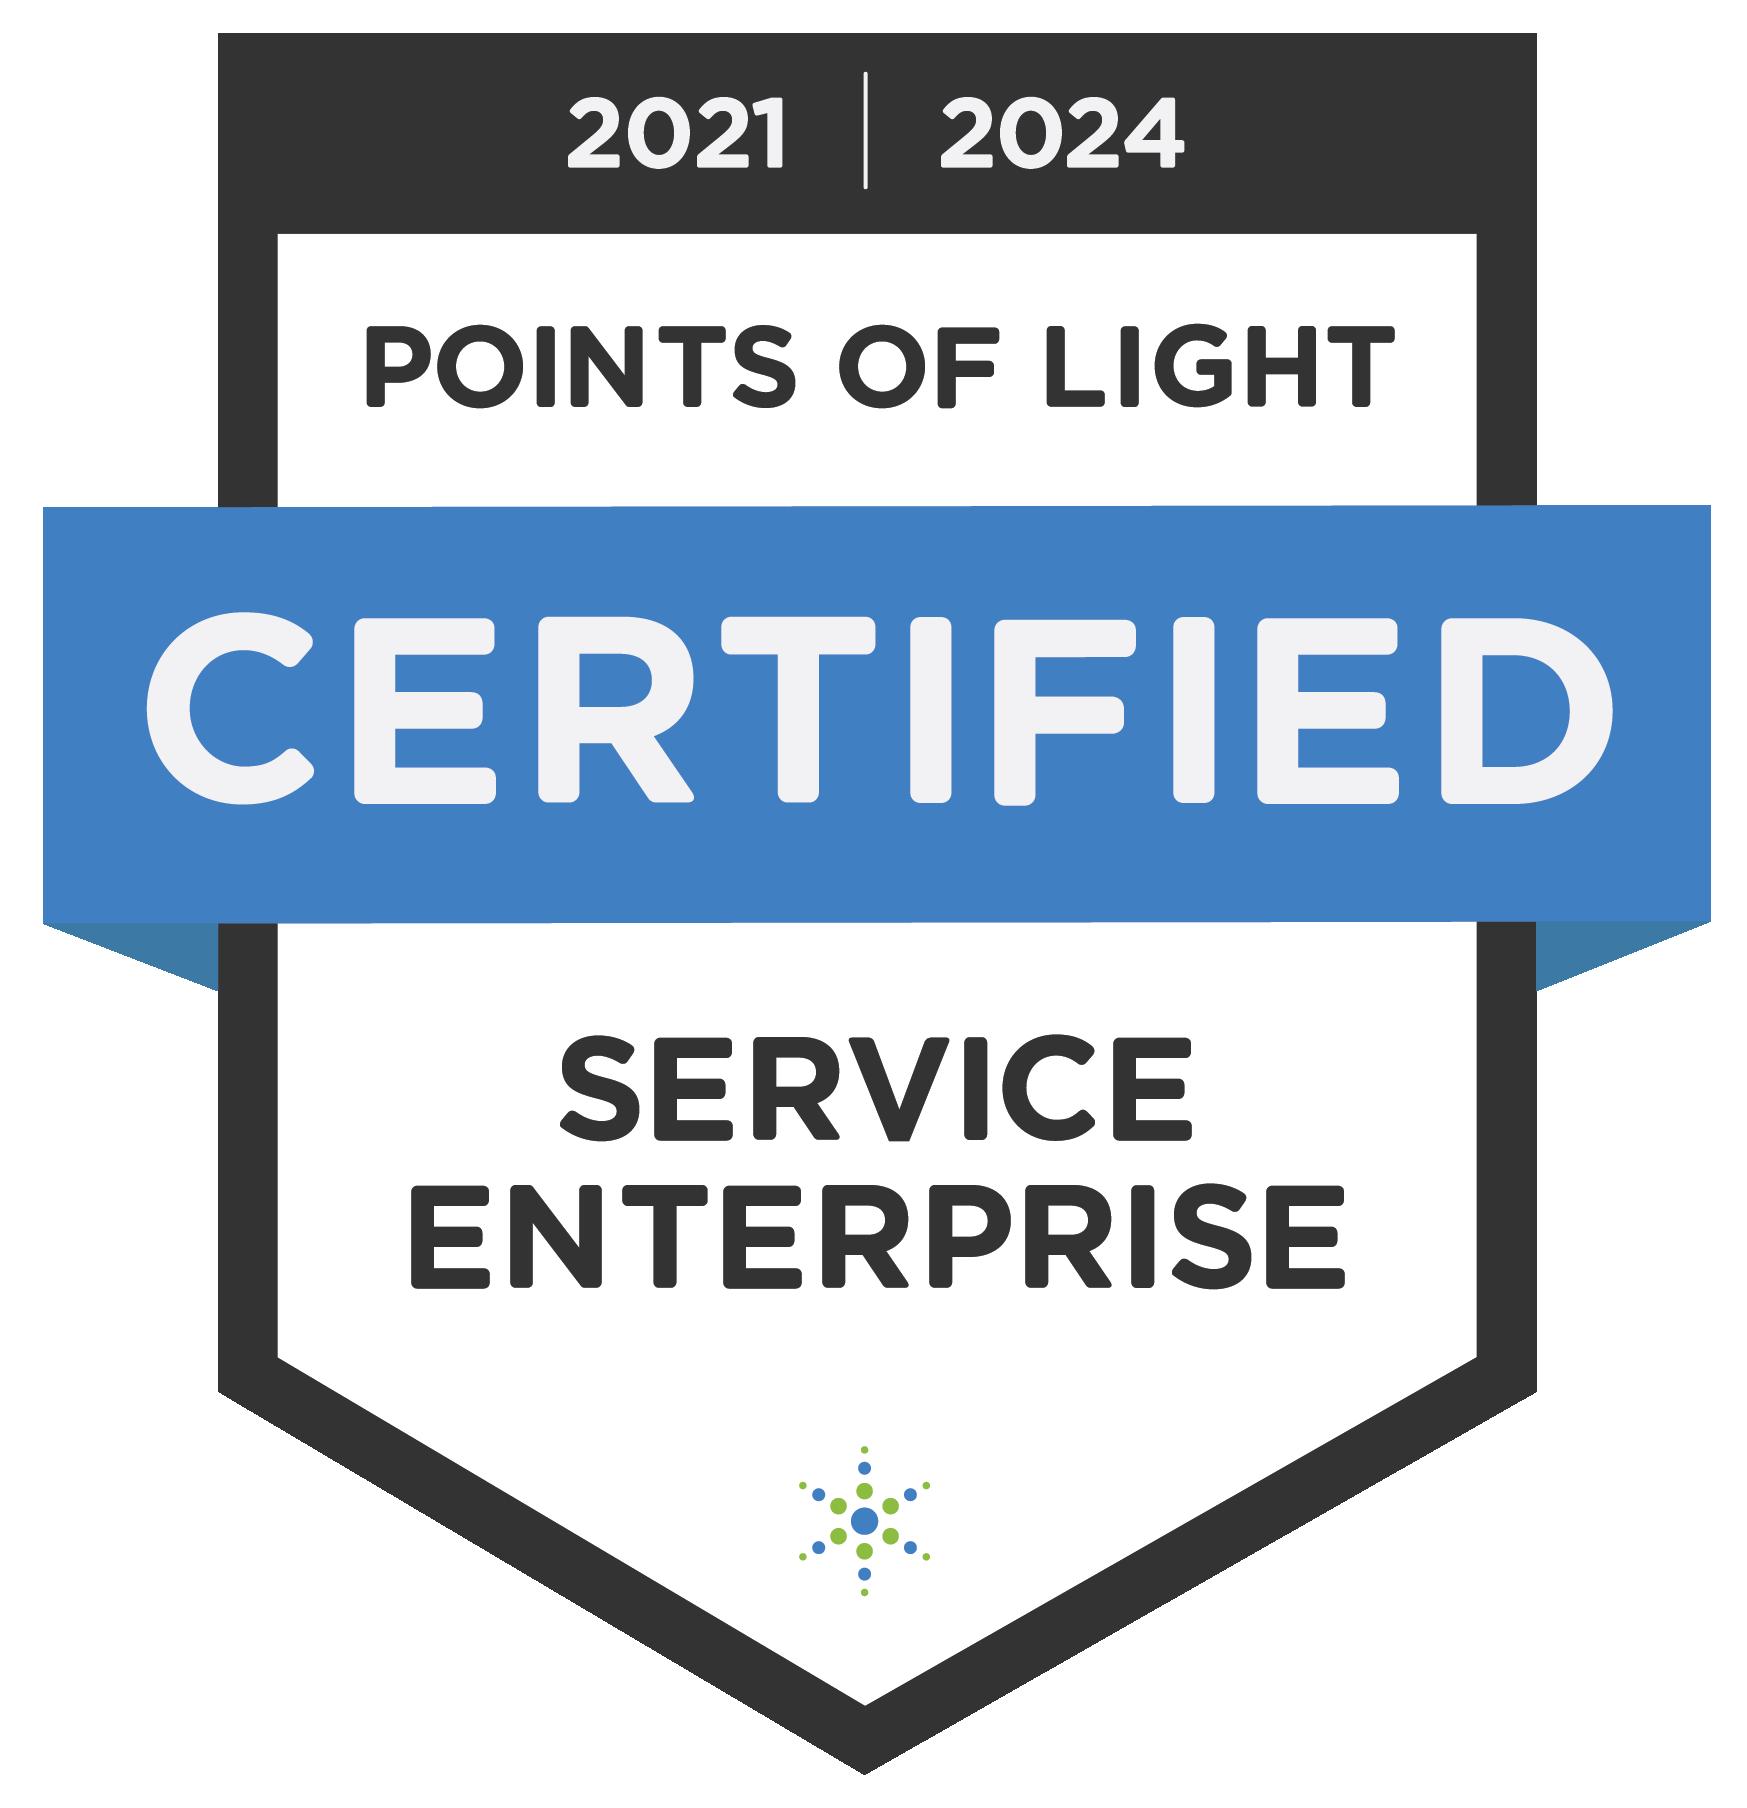 Certified logo image